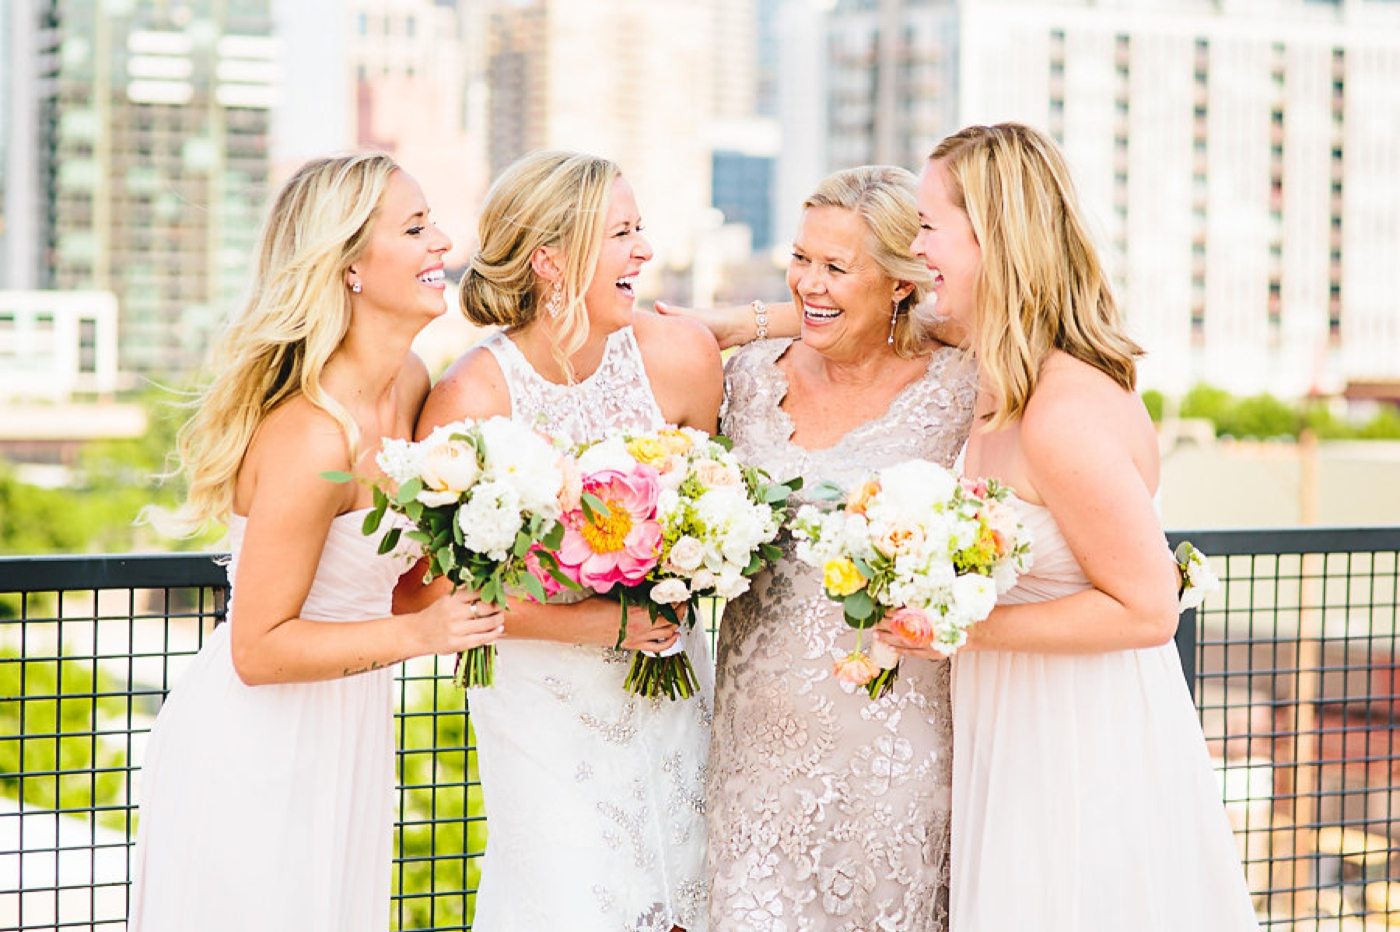 chicago-fine-art-wedding-photography-hrebic26